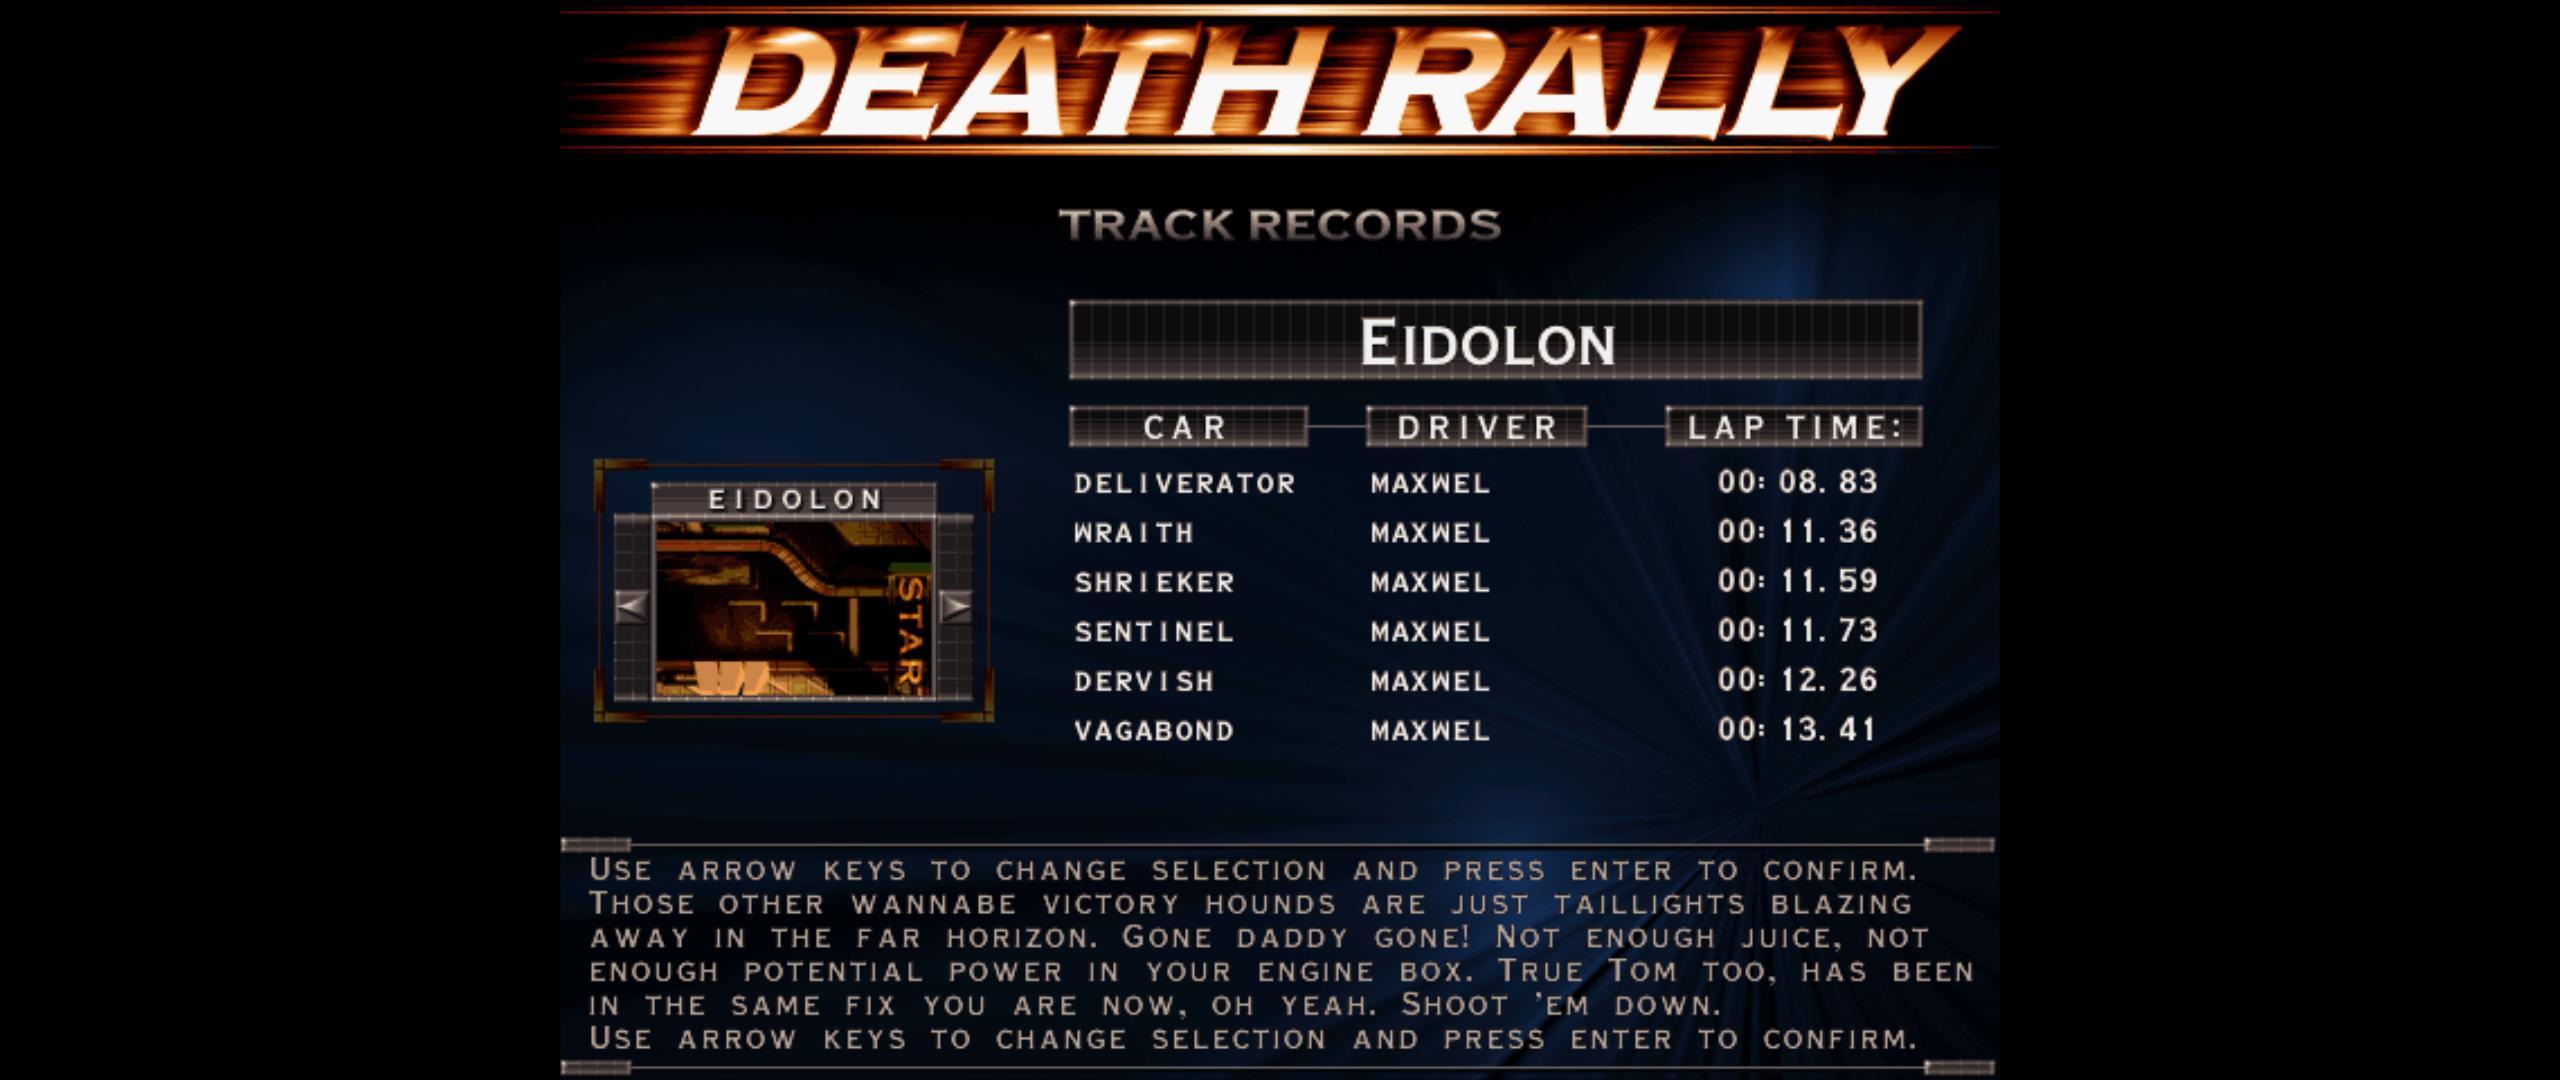 Maxwel: Death Rally [Eidolon, Wraith Car] (PC) 0:00:11.36 points on 2016-03-04 08:12:32